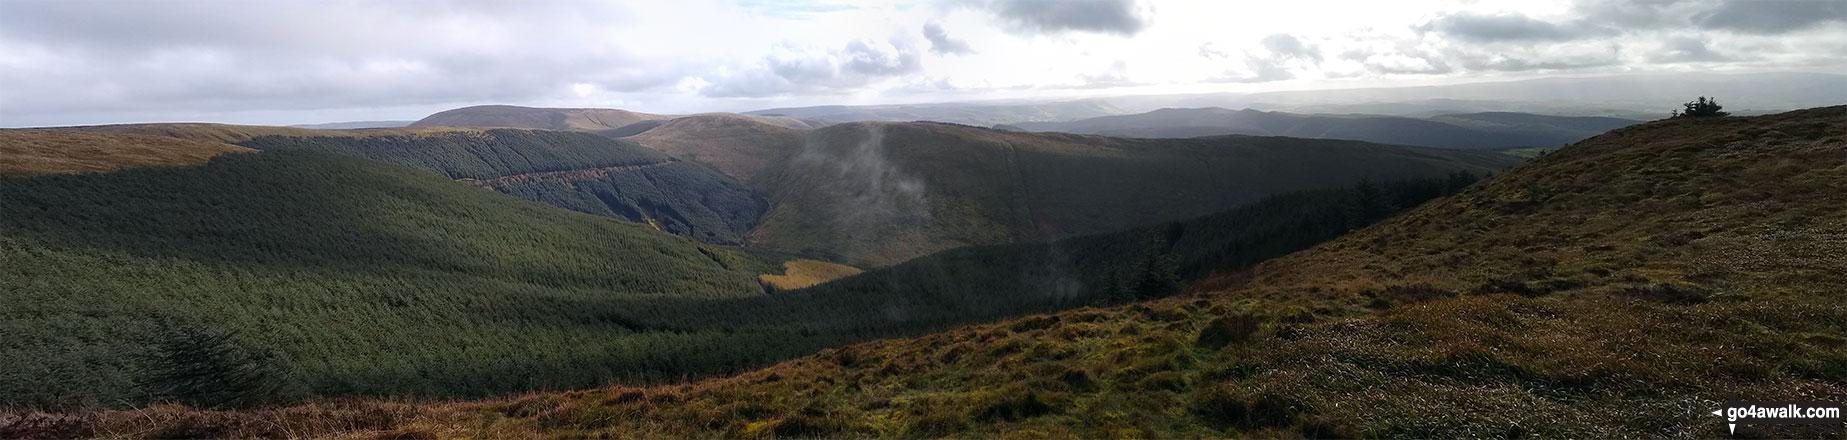 Mynydd Dolgoed and Cwm Ratgoed from Mynydd Ceiswyn